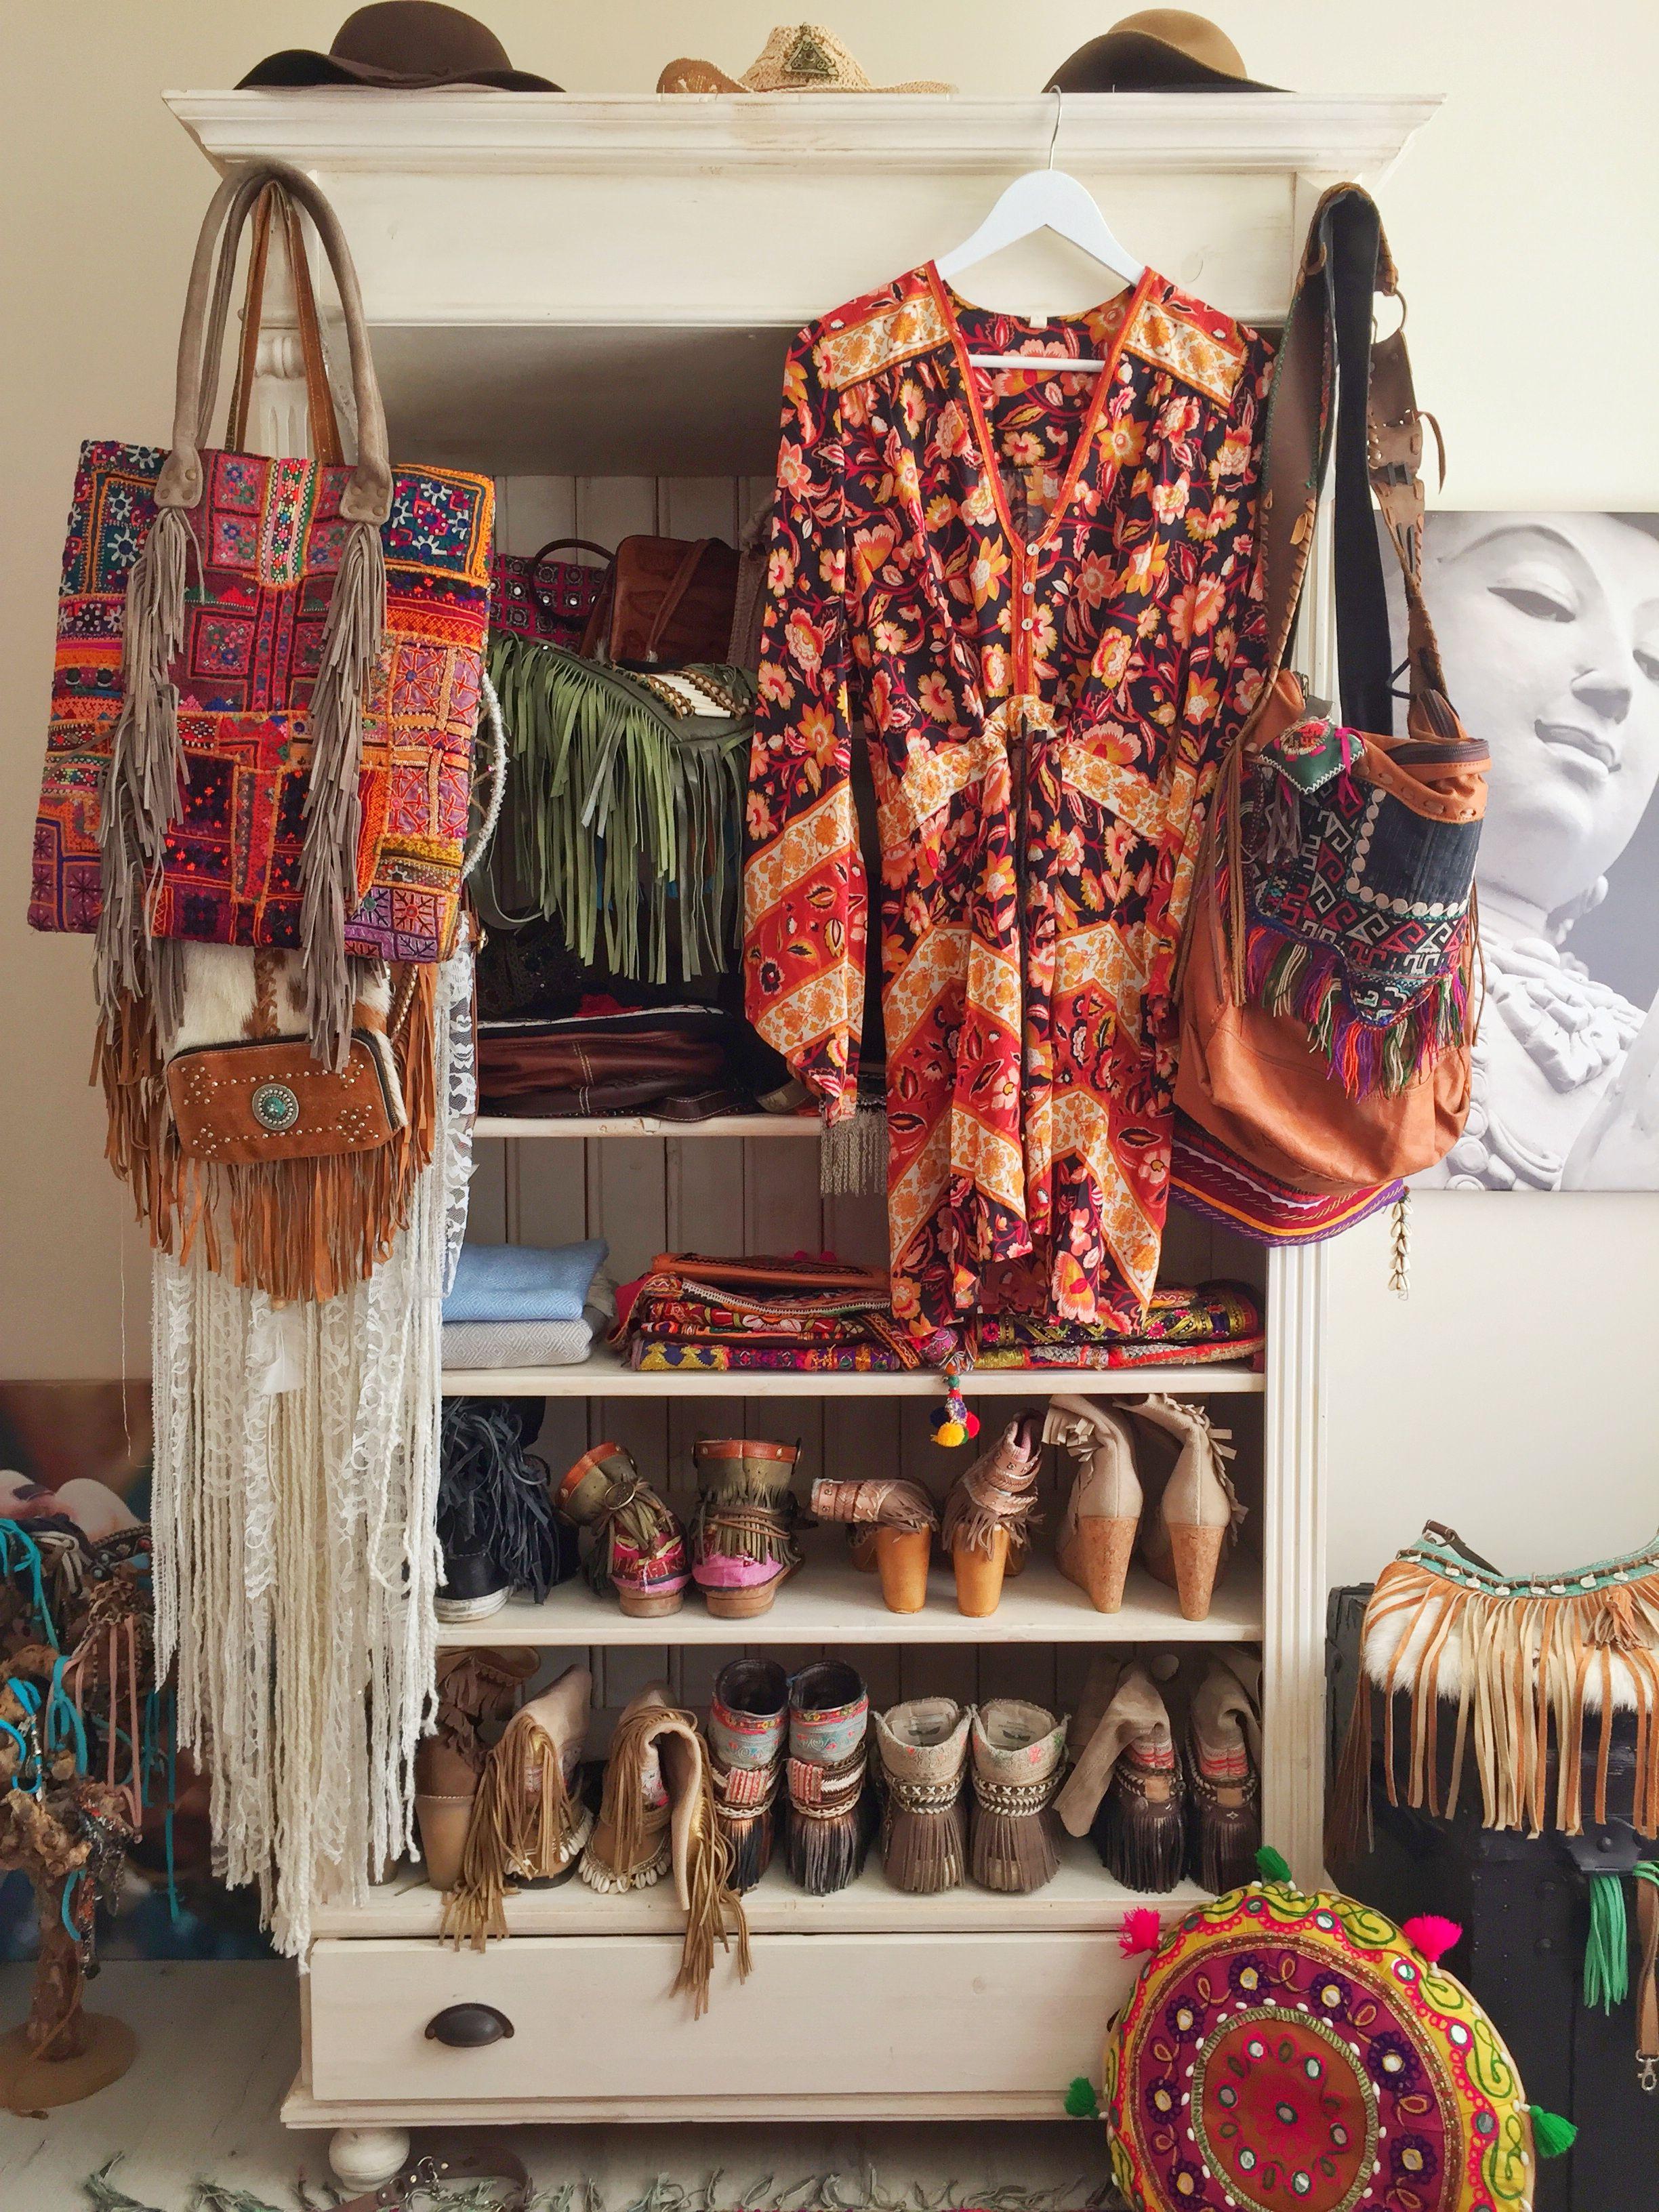 Captivating My Little Boho Closet!